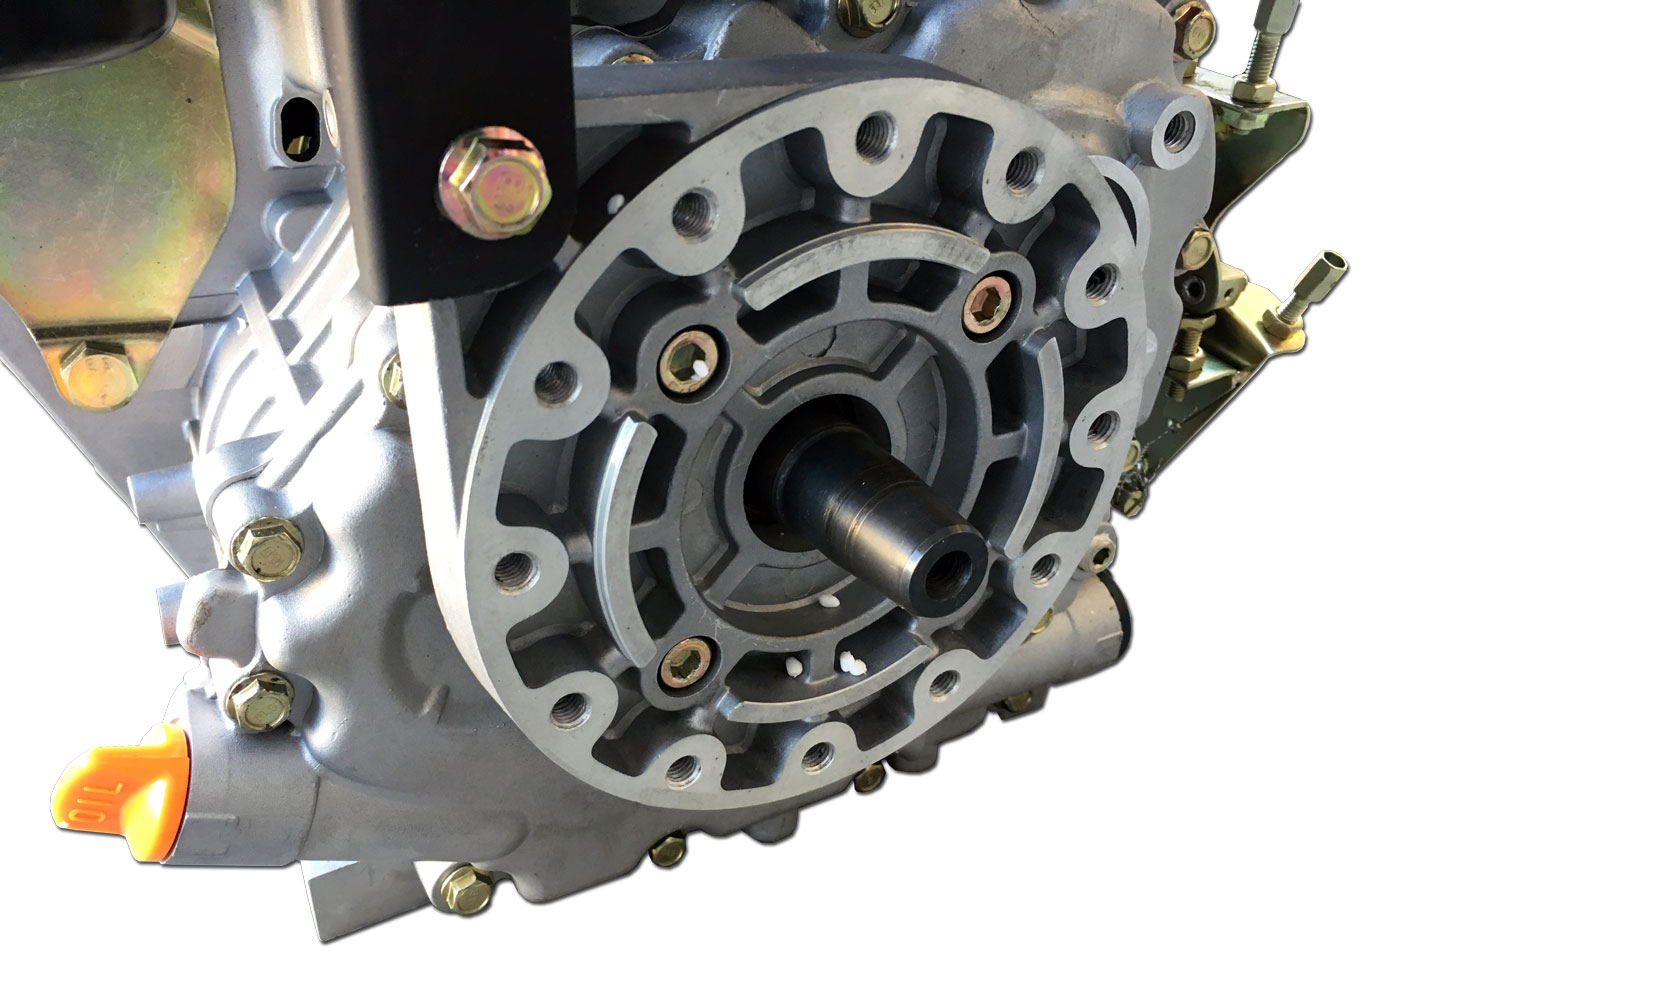 Motore Diesel IM211 Conico 4 Tempi - Imbriano Srl